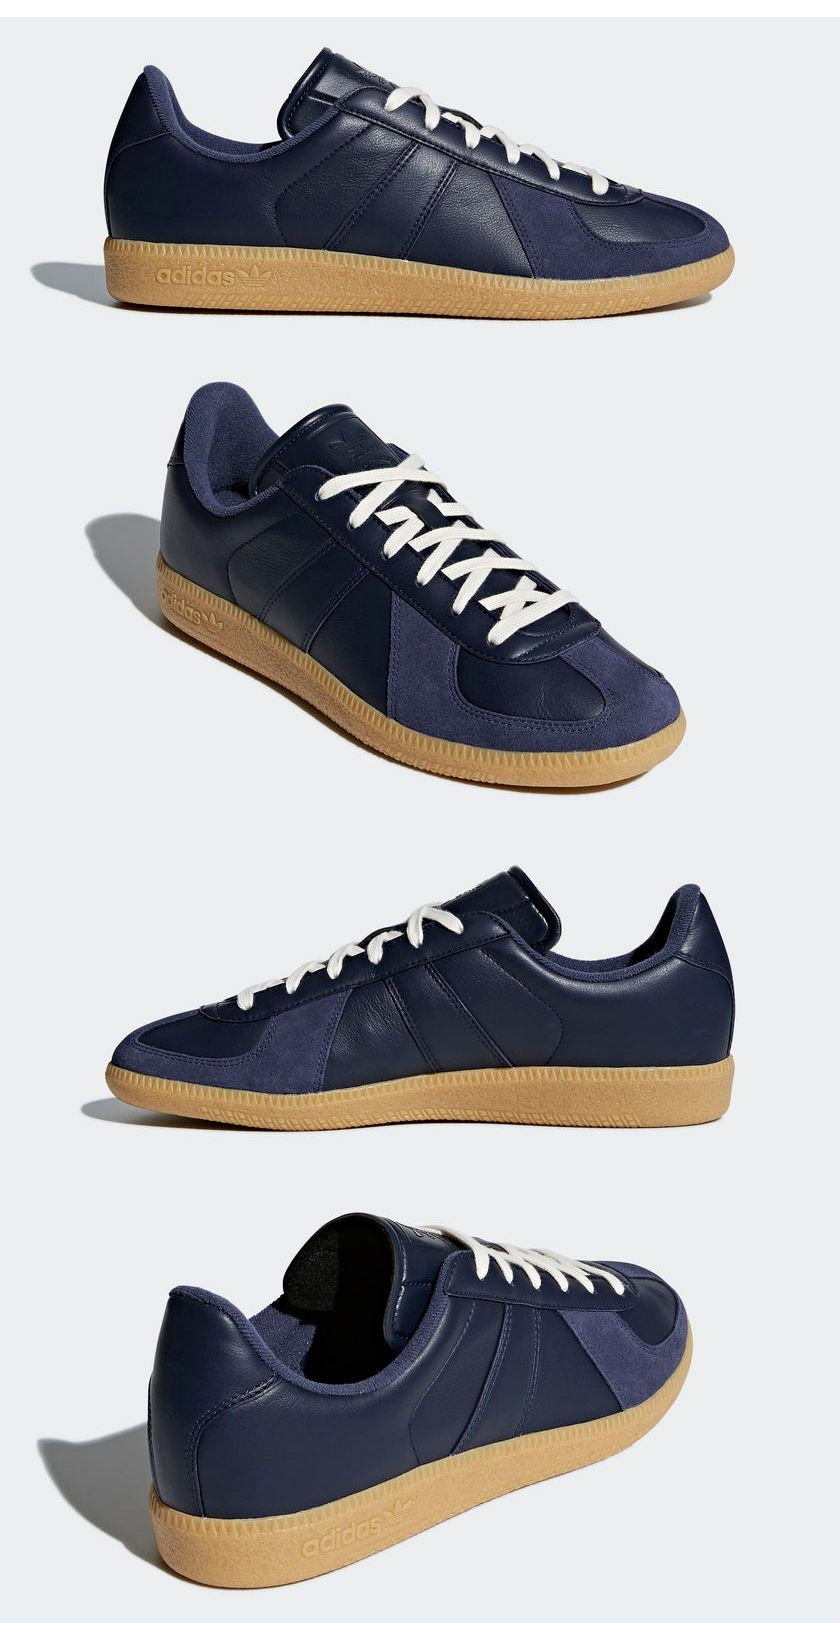 c8c90388f16acf ADDIDAS BW Army Shoes Navy Gum